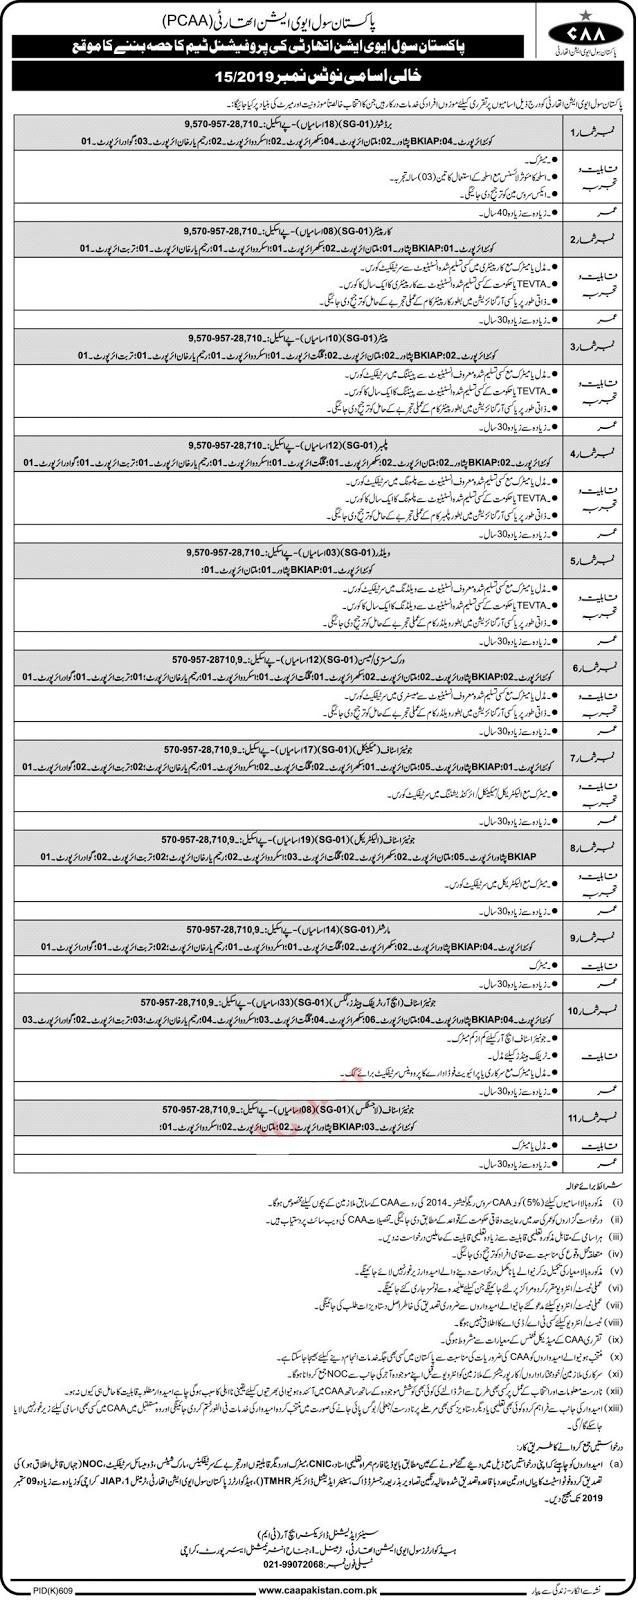 Pakistan Civil Aviation Authority PCAA 15/2019 Jobs 2019